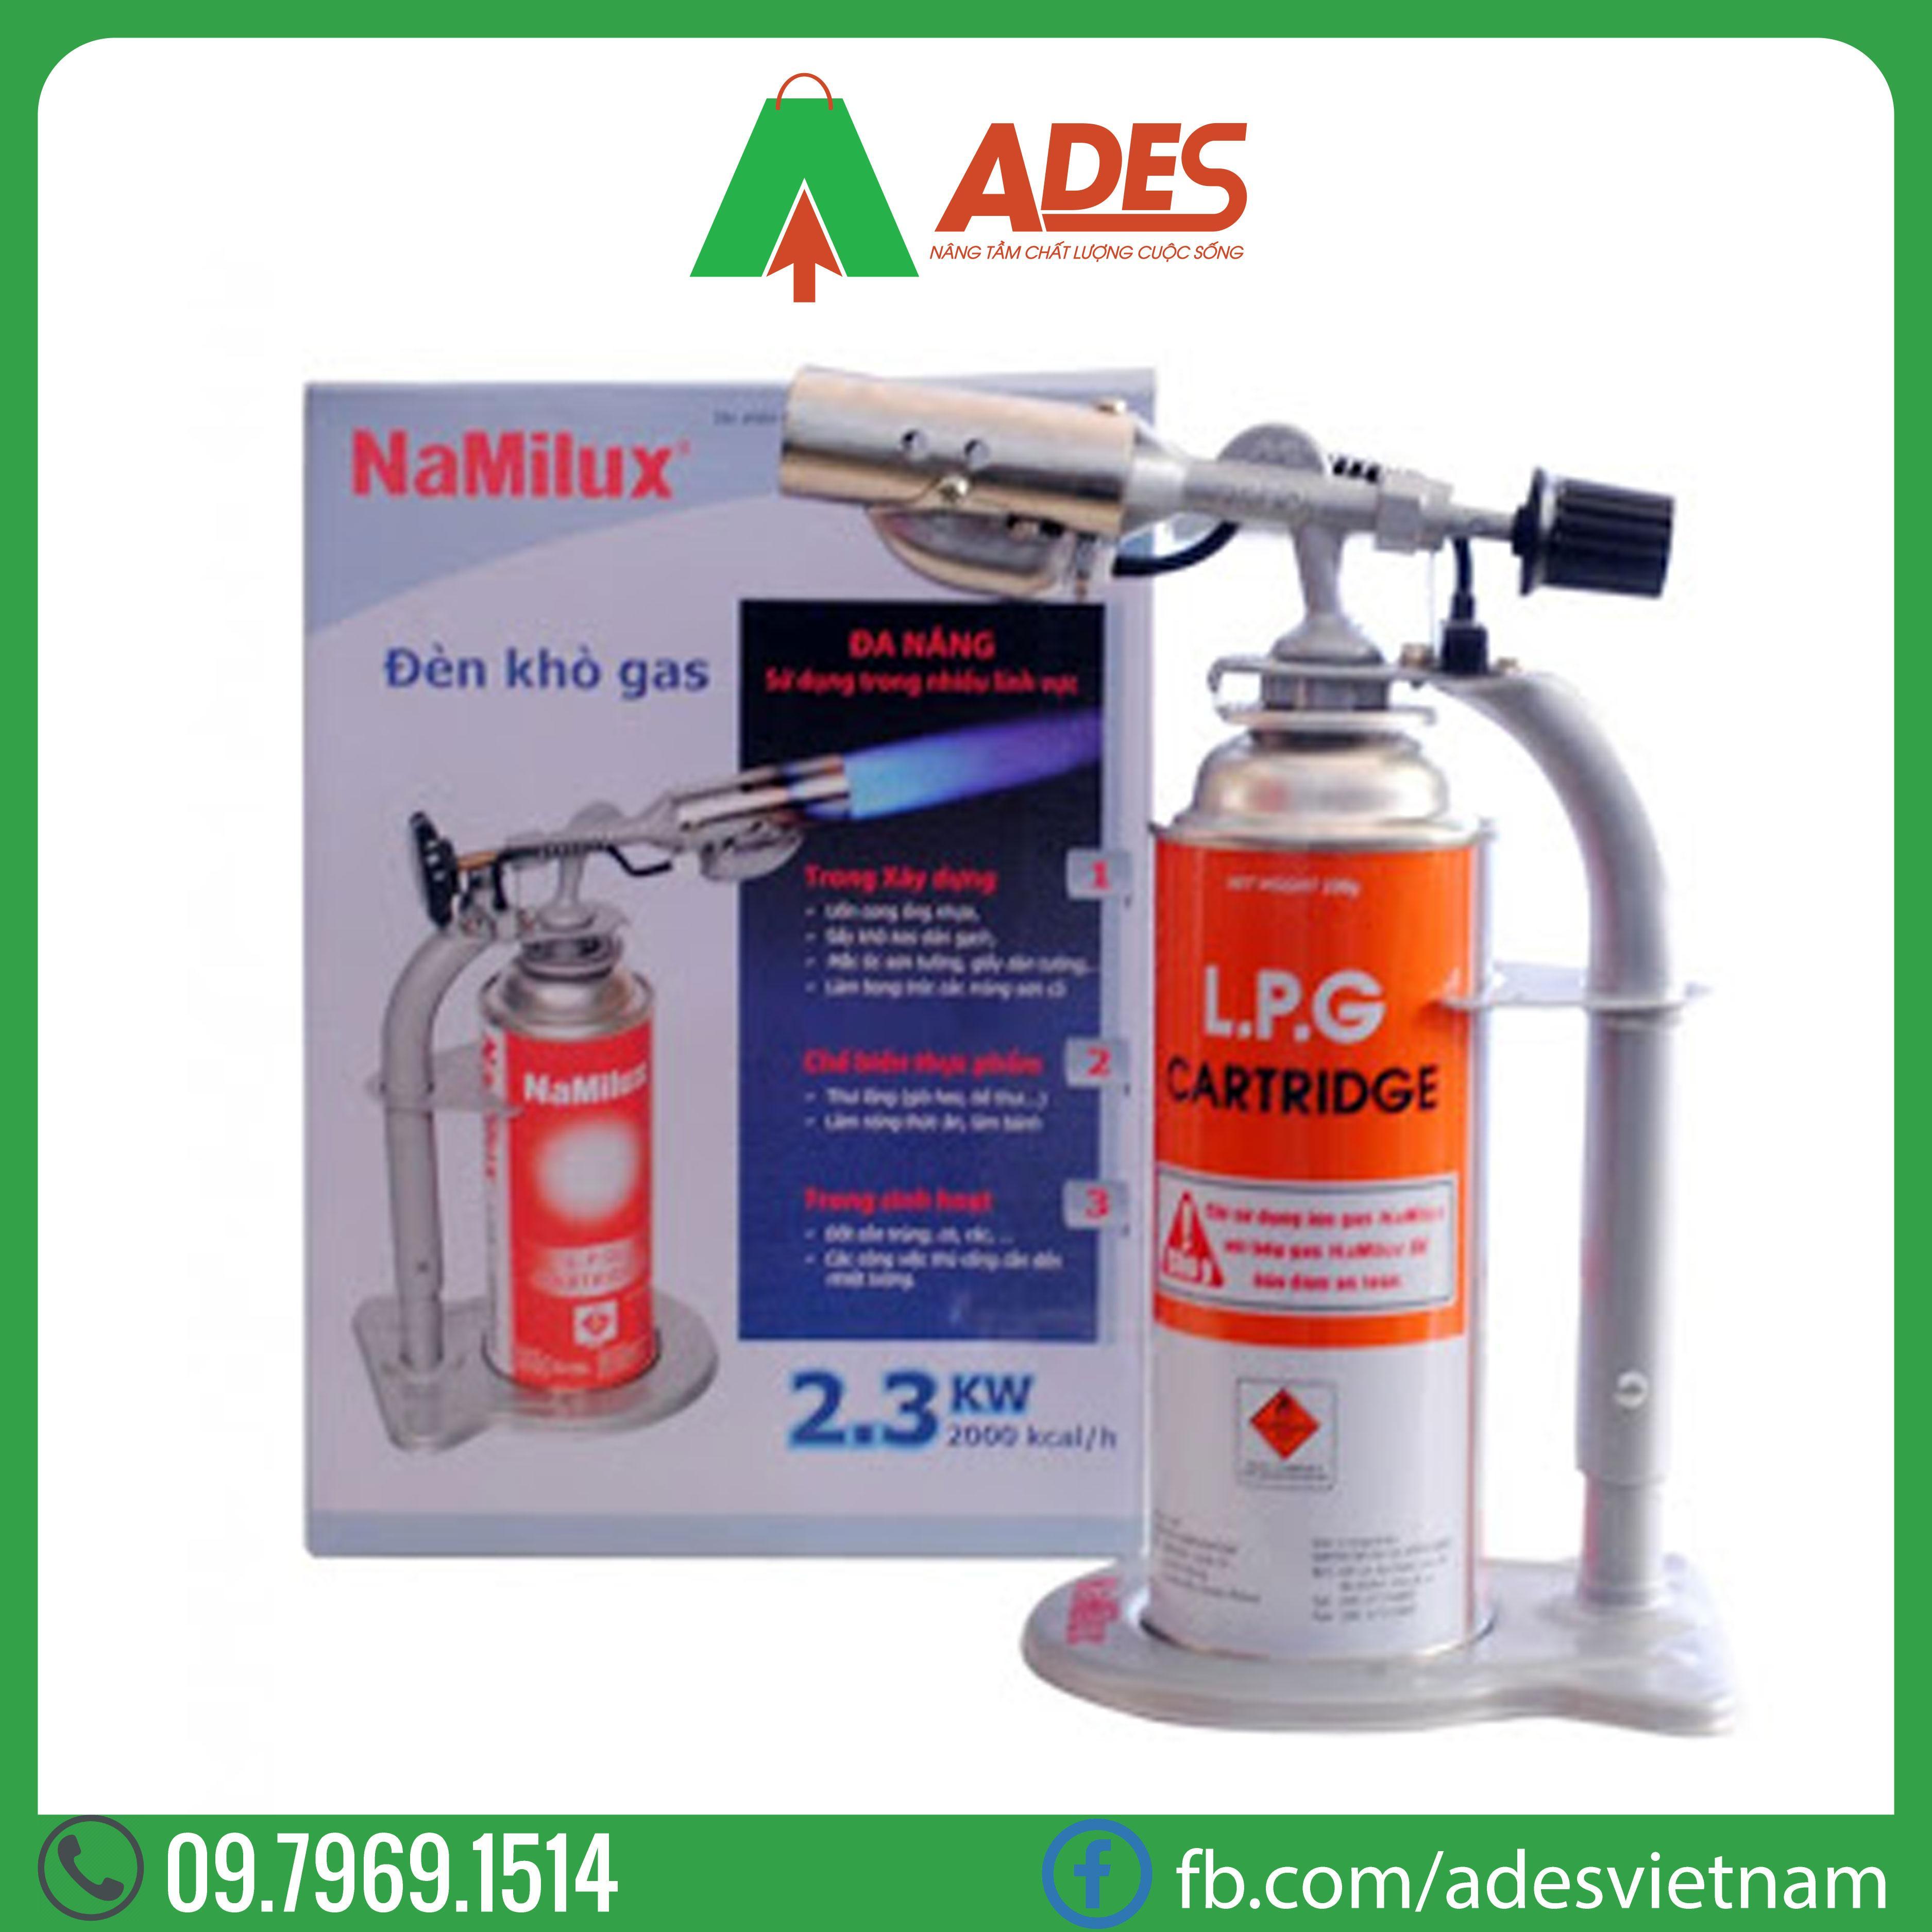 den kho Gas Namilux NA-176SP